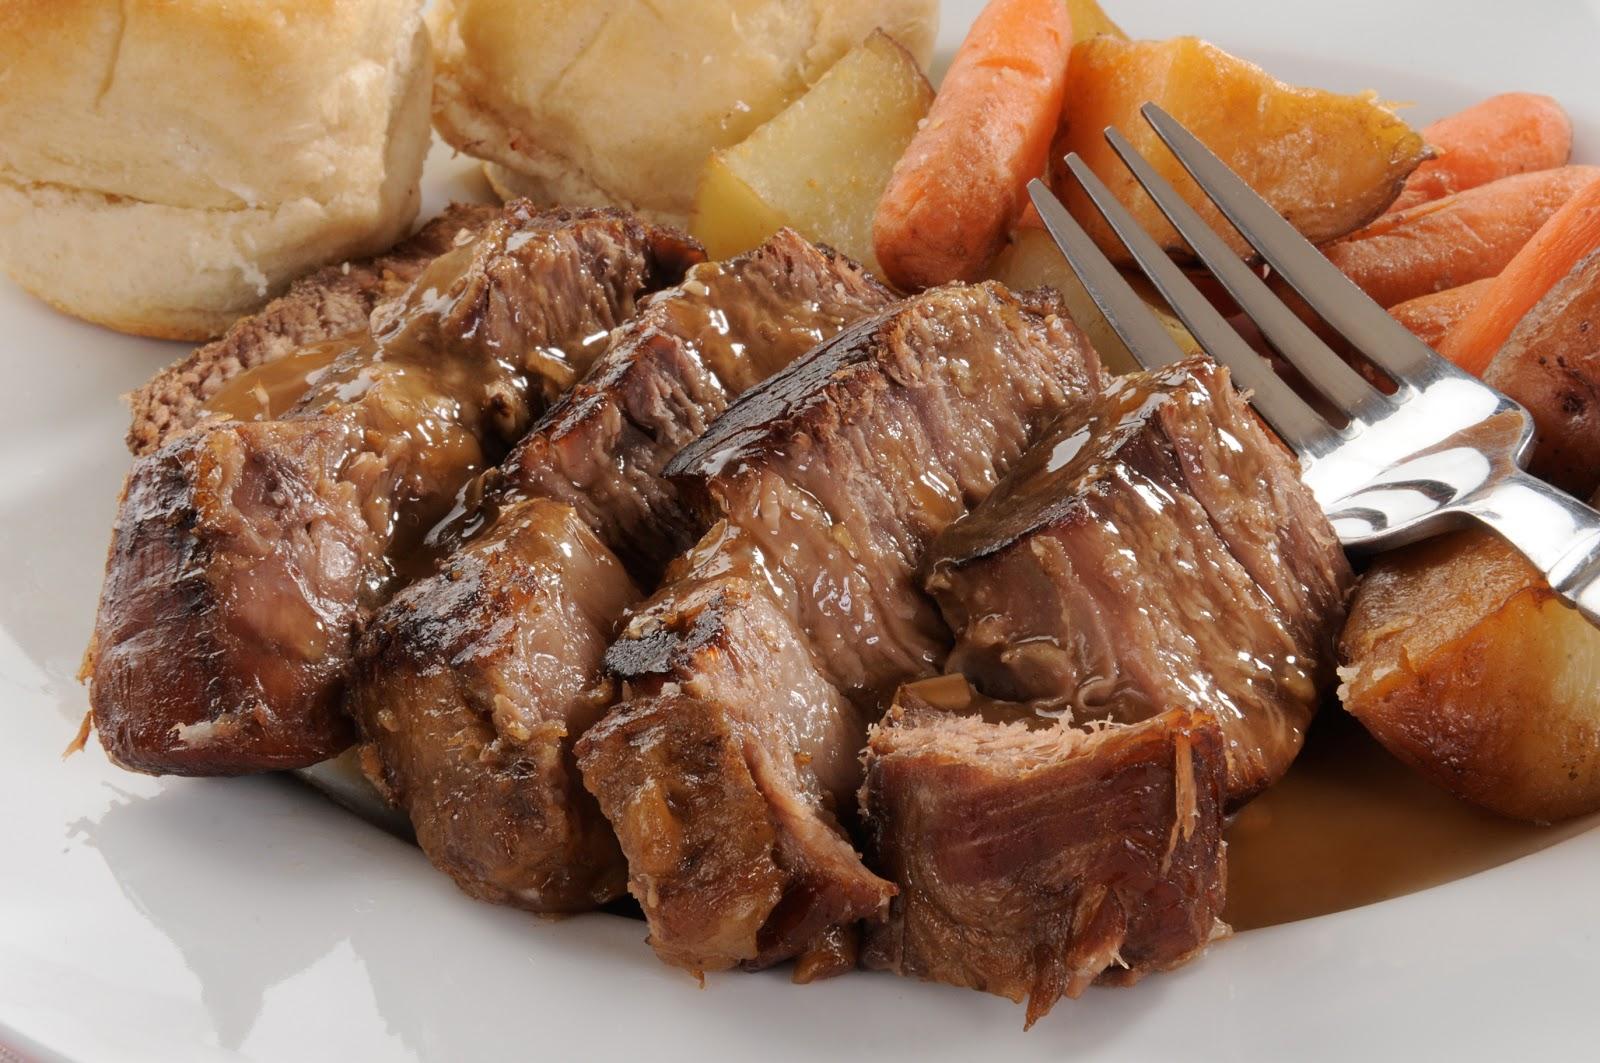 色よく焼けたお肉で飯テロの壁紙